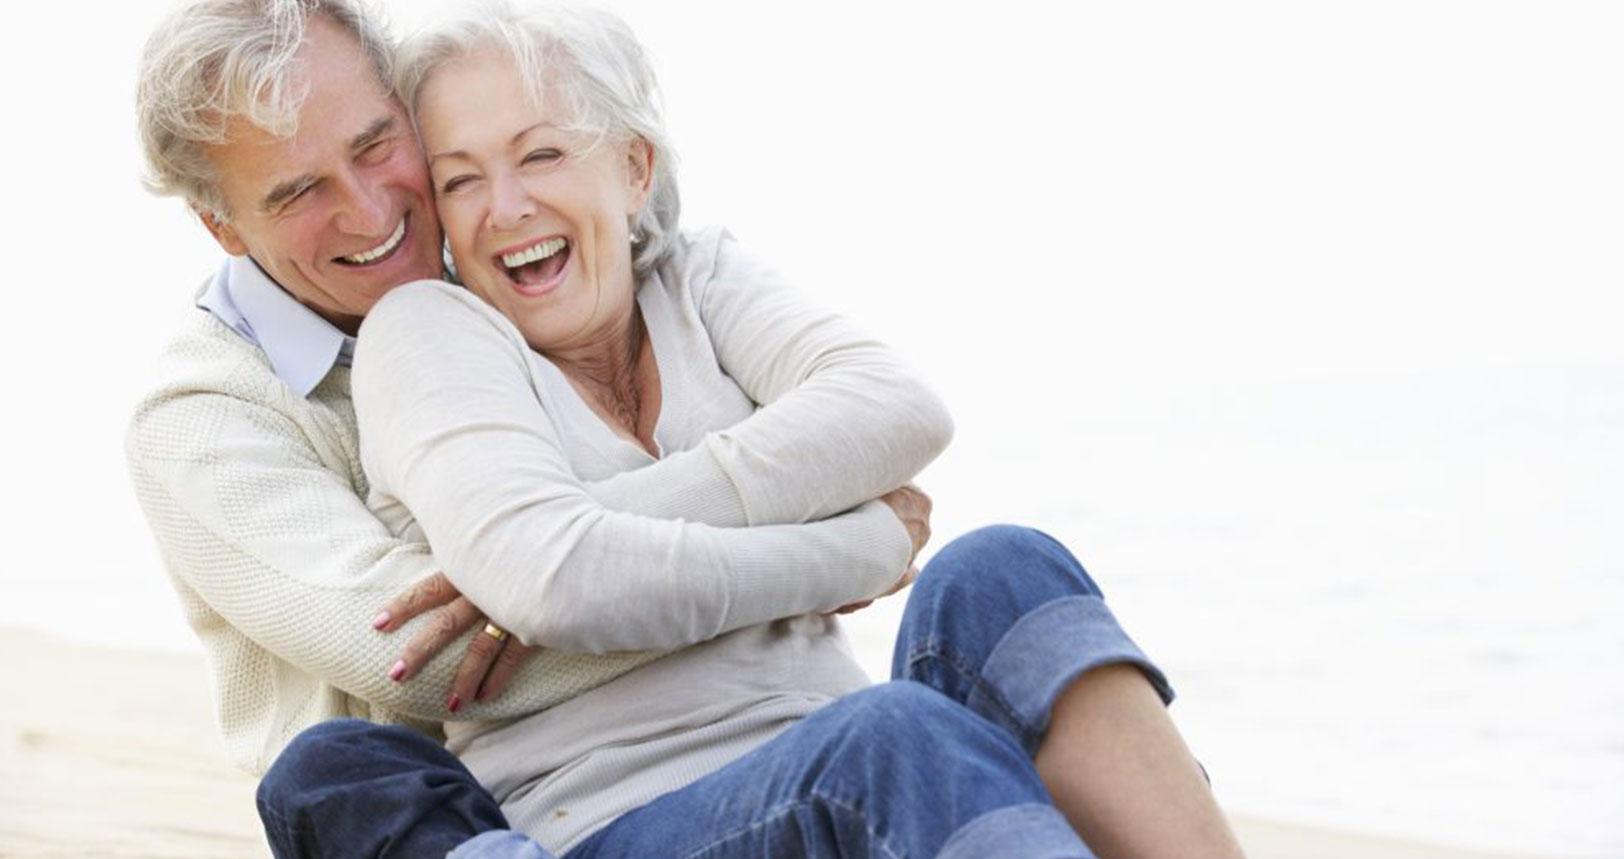 visita con geriatra ecocardiogramma ecocolor doppler percorsi diagnostico-terapeutici mirati cura disturbi cognitivi degli anziani